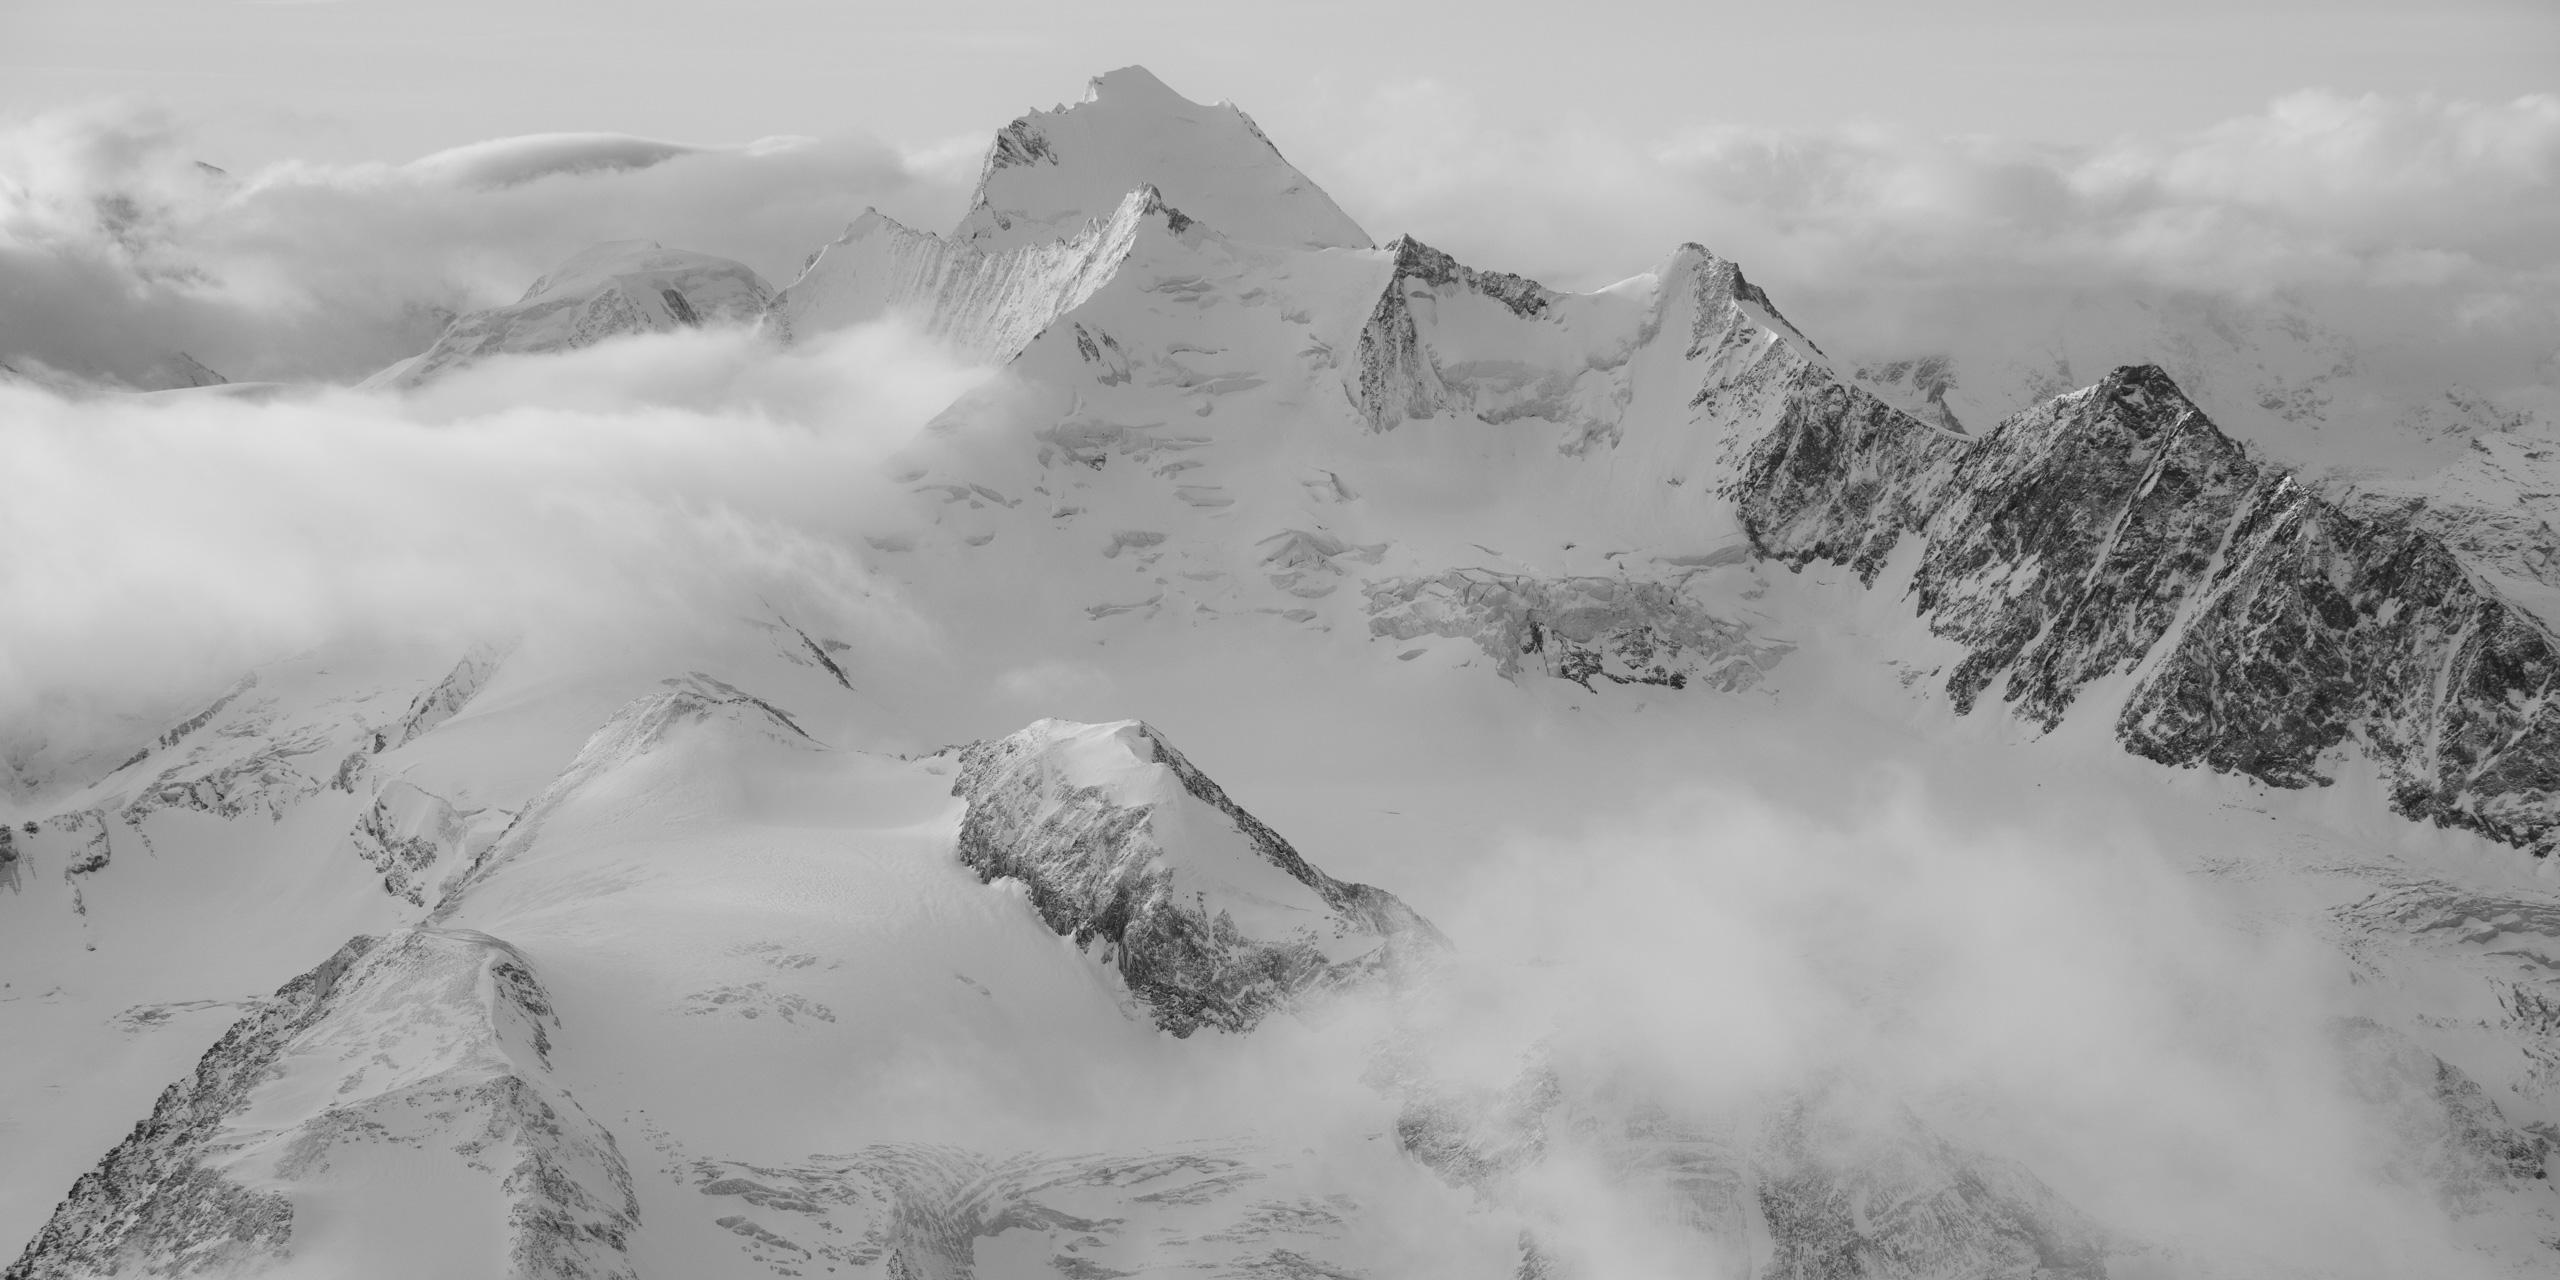 Dom des Mischabels en noir et blanc - Photo paysage des montagnes de Saas-Fee Crans Montana dans les Alpes Valaisanne en Suisse